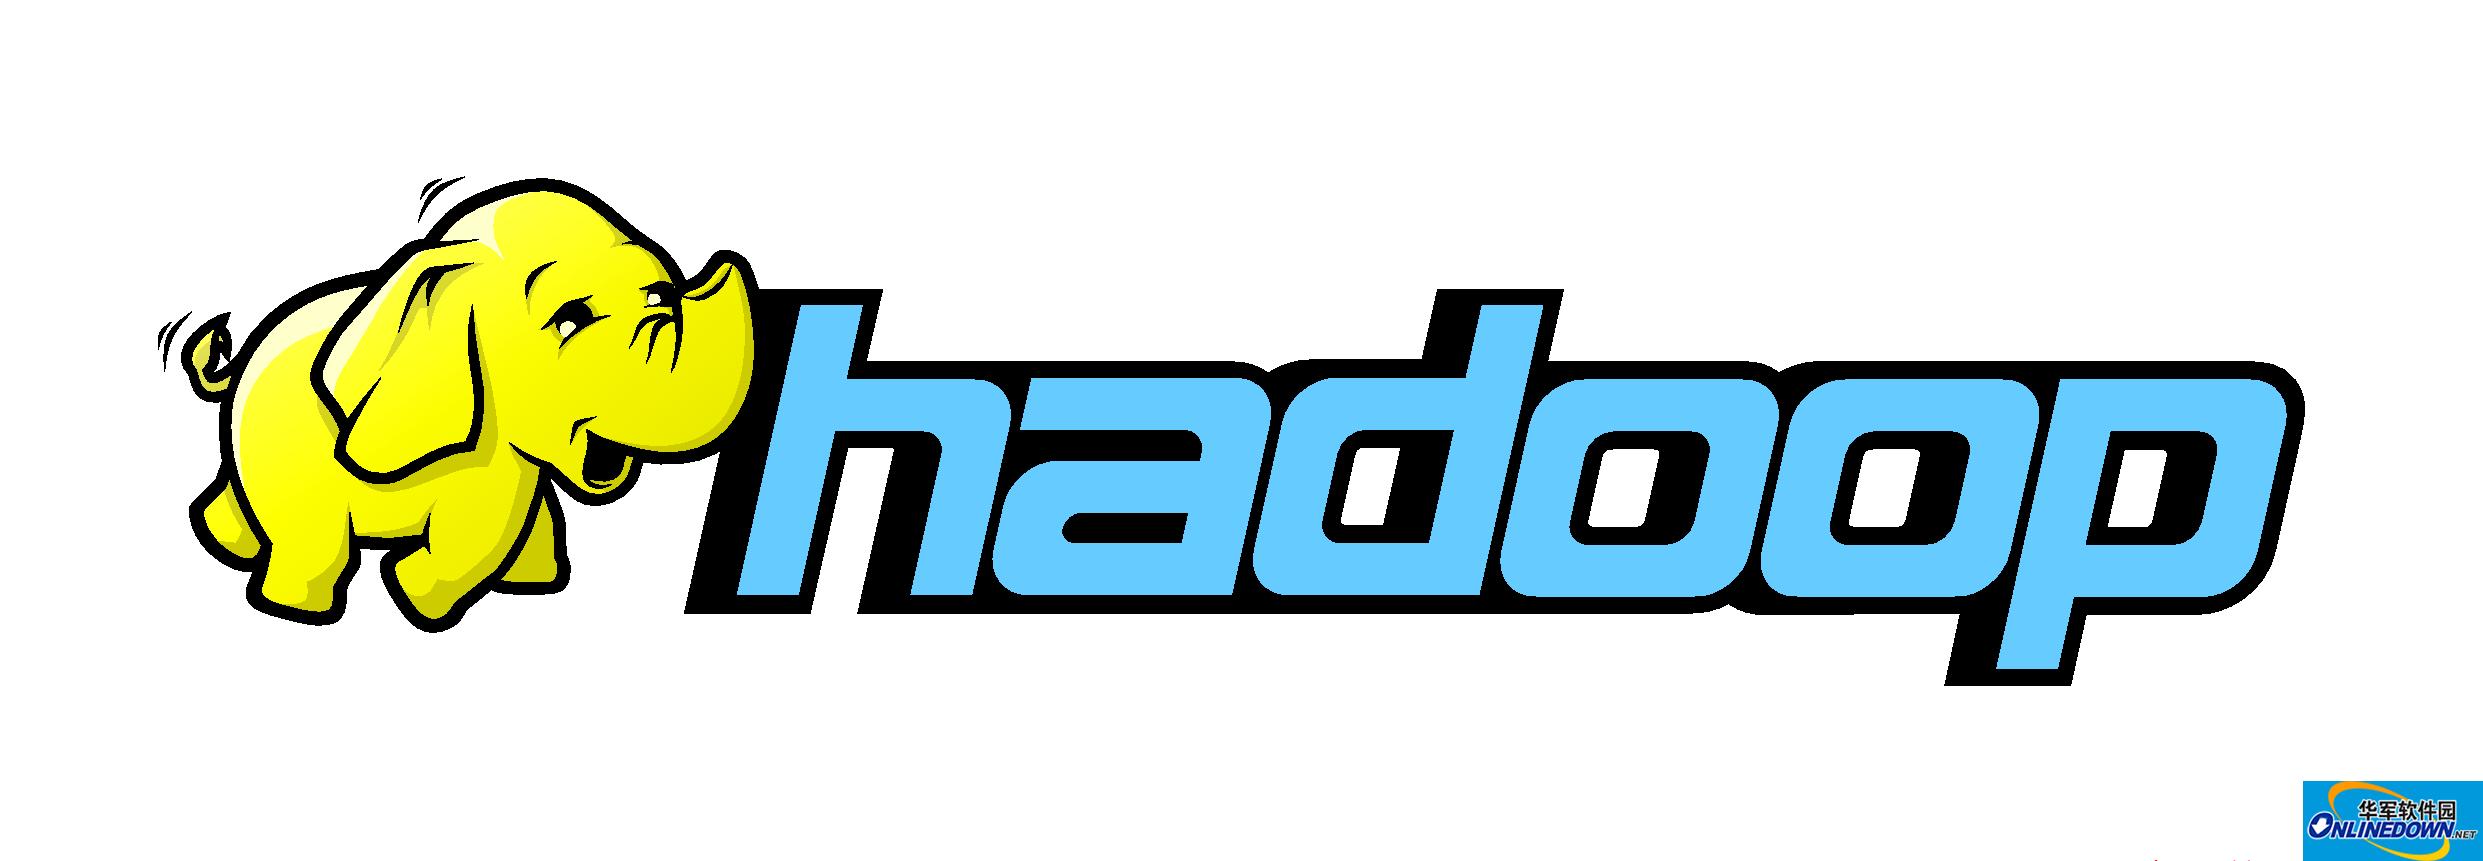 运维管理Hadoop生态集群工具比较